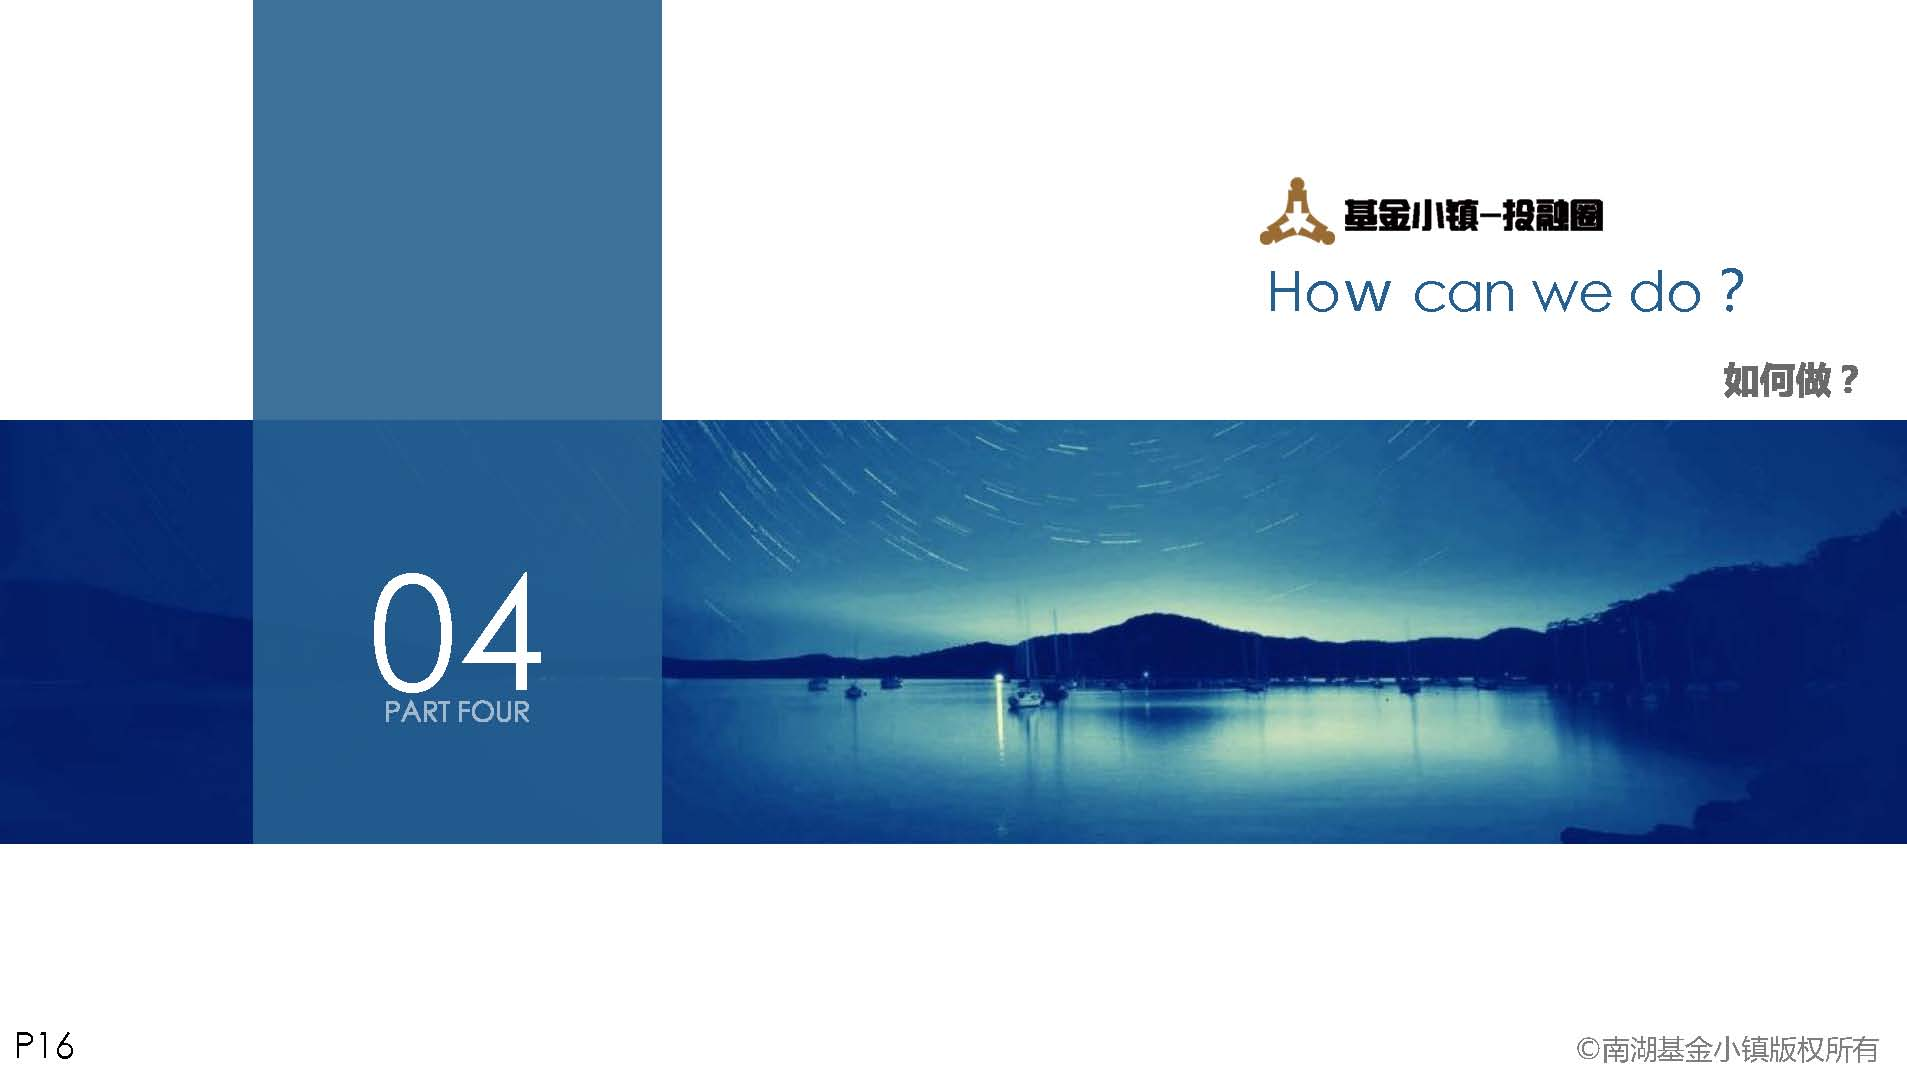 南湖基金小镇投融圈-内部转让信息对接服务平台介绍(6月26日修改稿)_页面_16.jpg